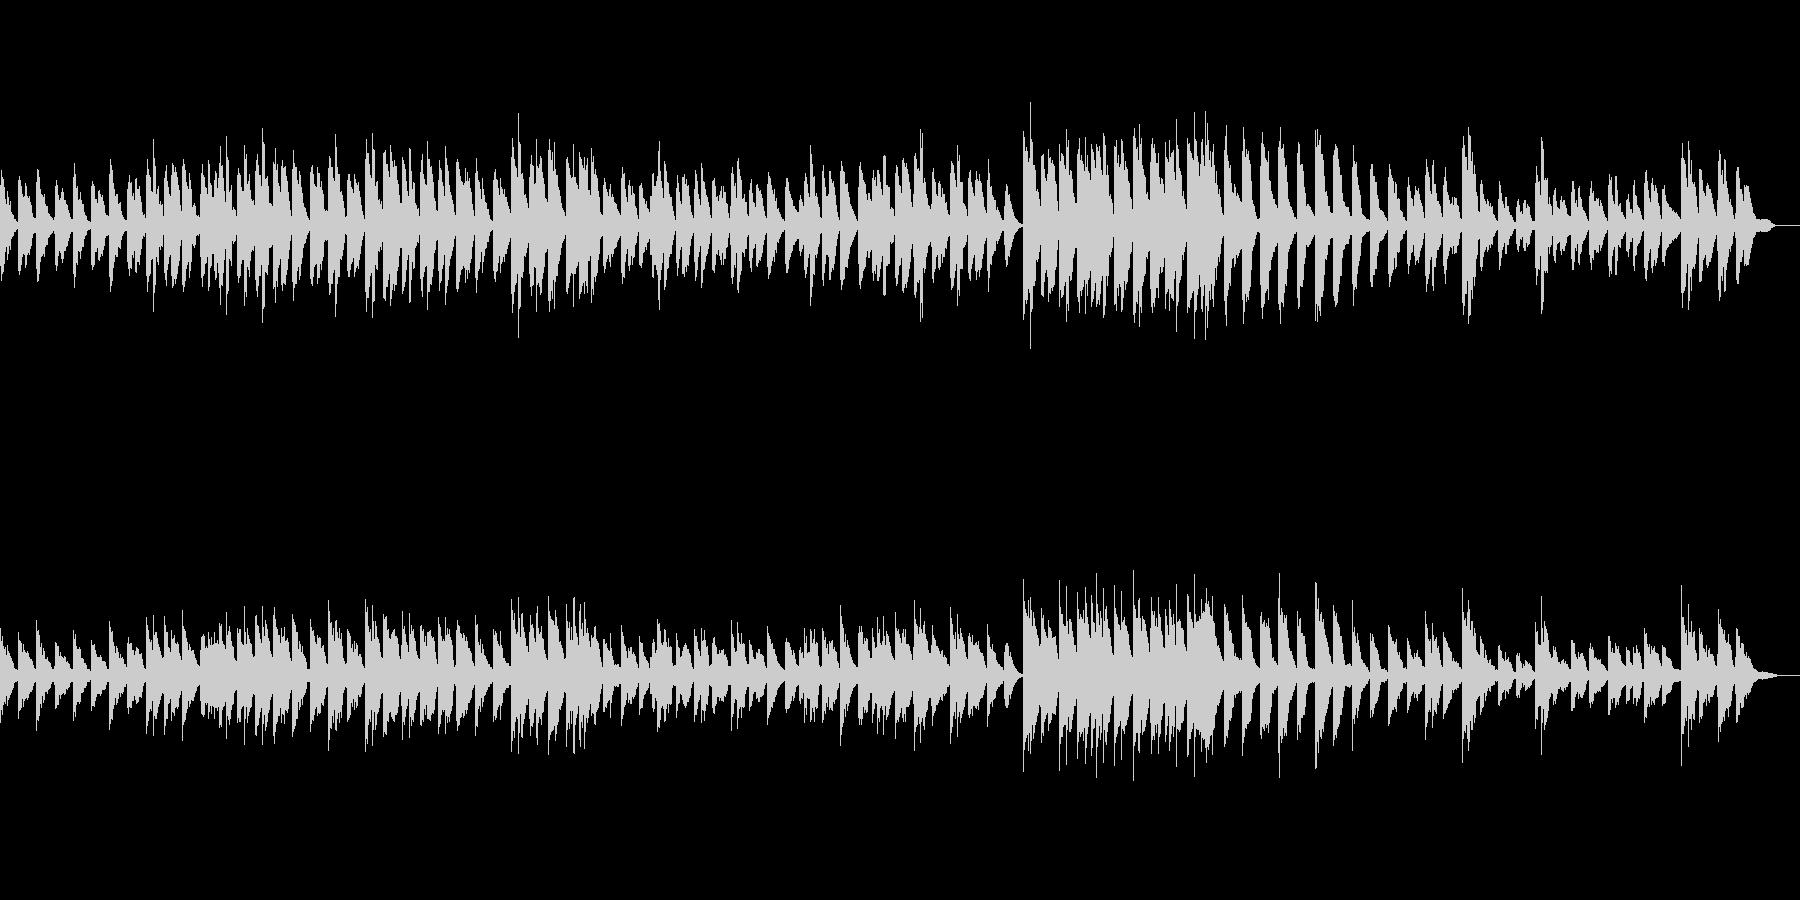 シンプルなバラード調のピアノ素材の未再生の波形